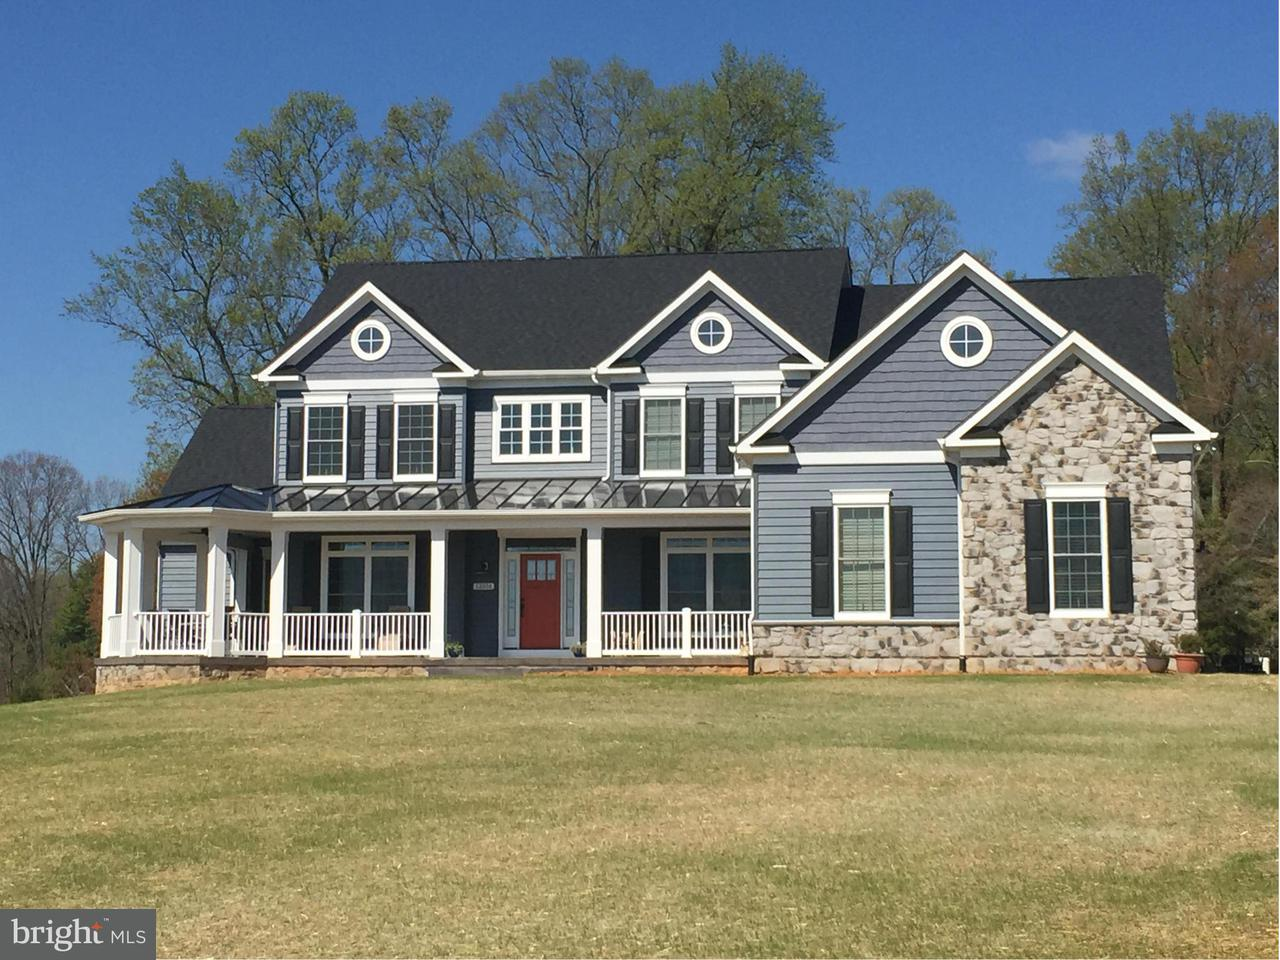 一戸建て のために 売買 アット 2920 ROLLING GREEN Drive 2920 ROLLING GREEN Drive Churchville, メリーランド 21028 アメリカ合衆国